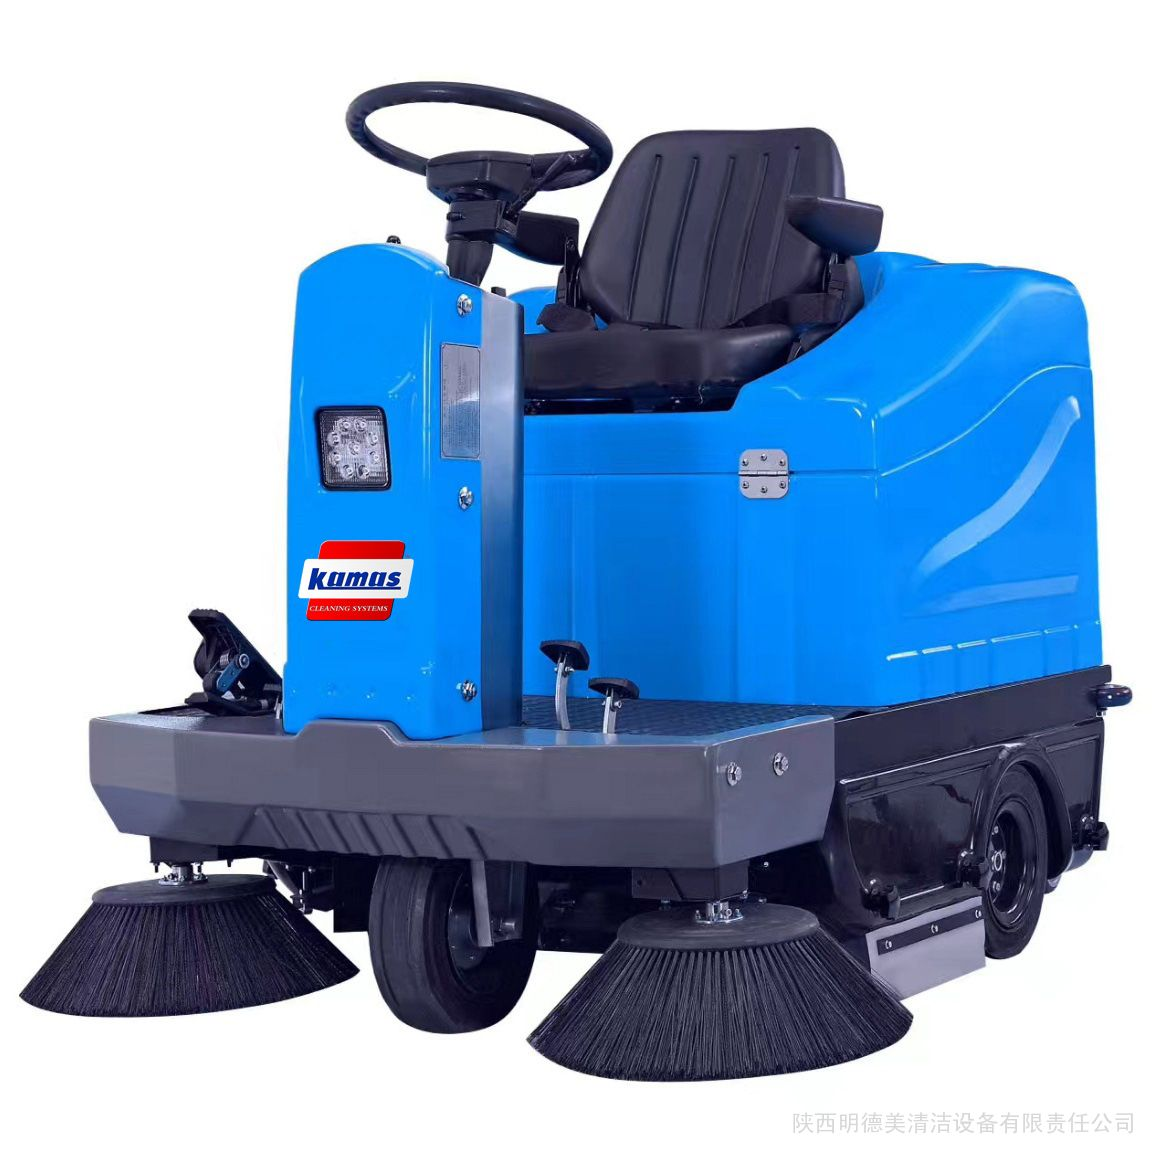 西安扫地车 陕西物业小区保洁地面清扫电动电瓶扫地机清洁设备